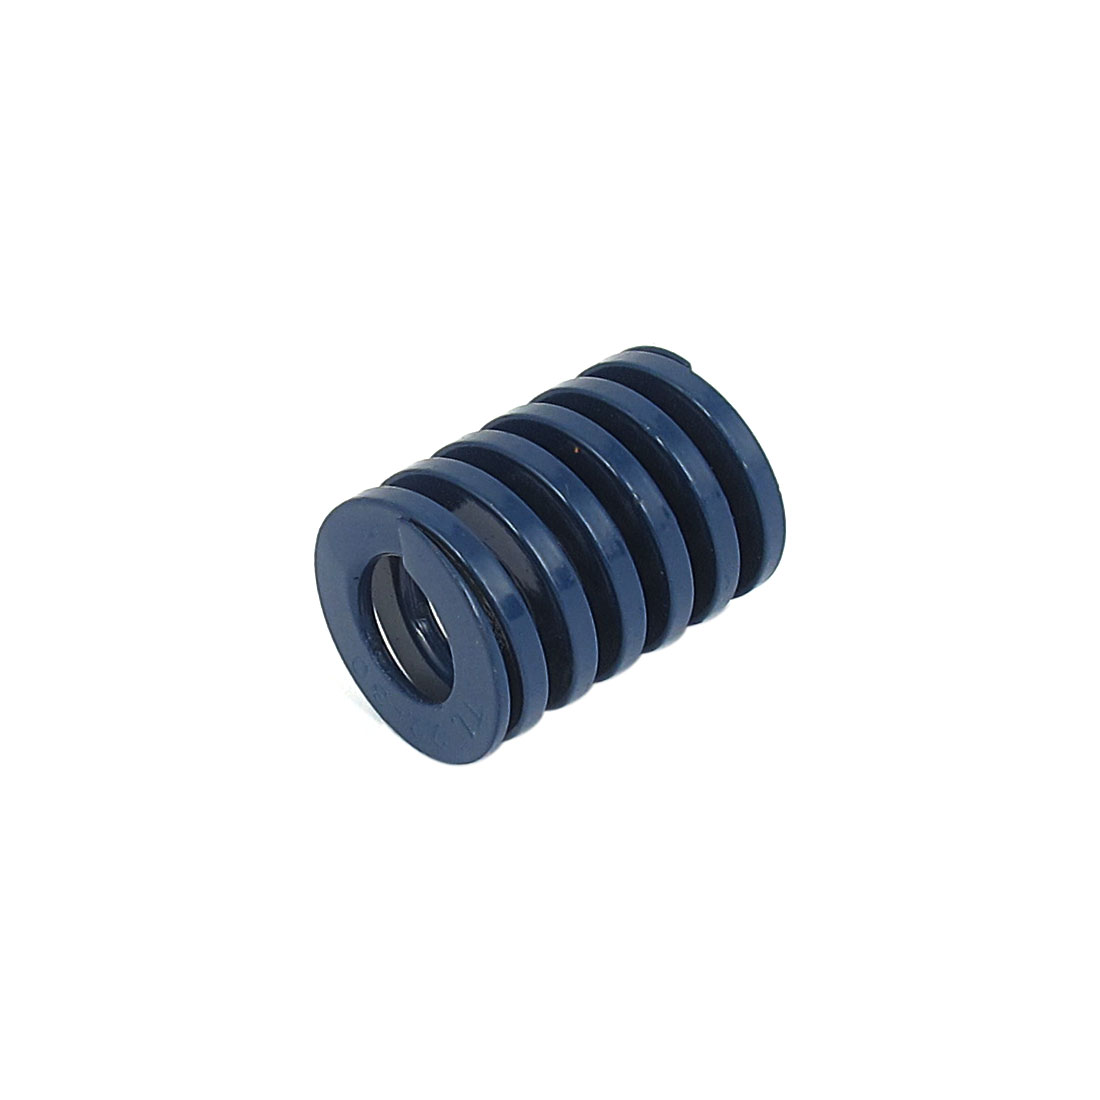 22mm OD 30mm Long Light Load Spiral Stamping Compression Die Spring Blue